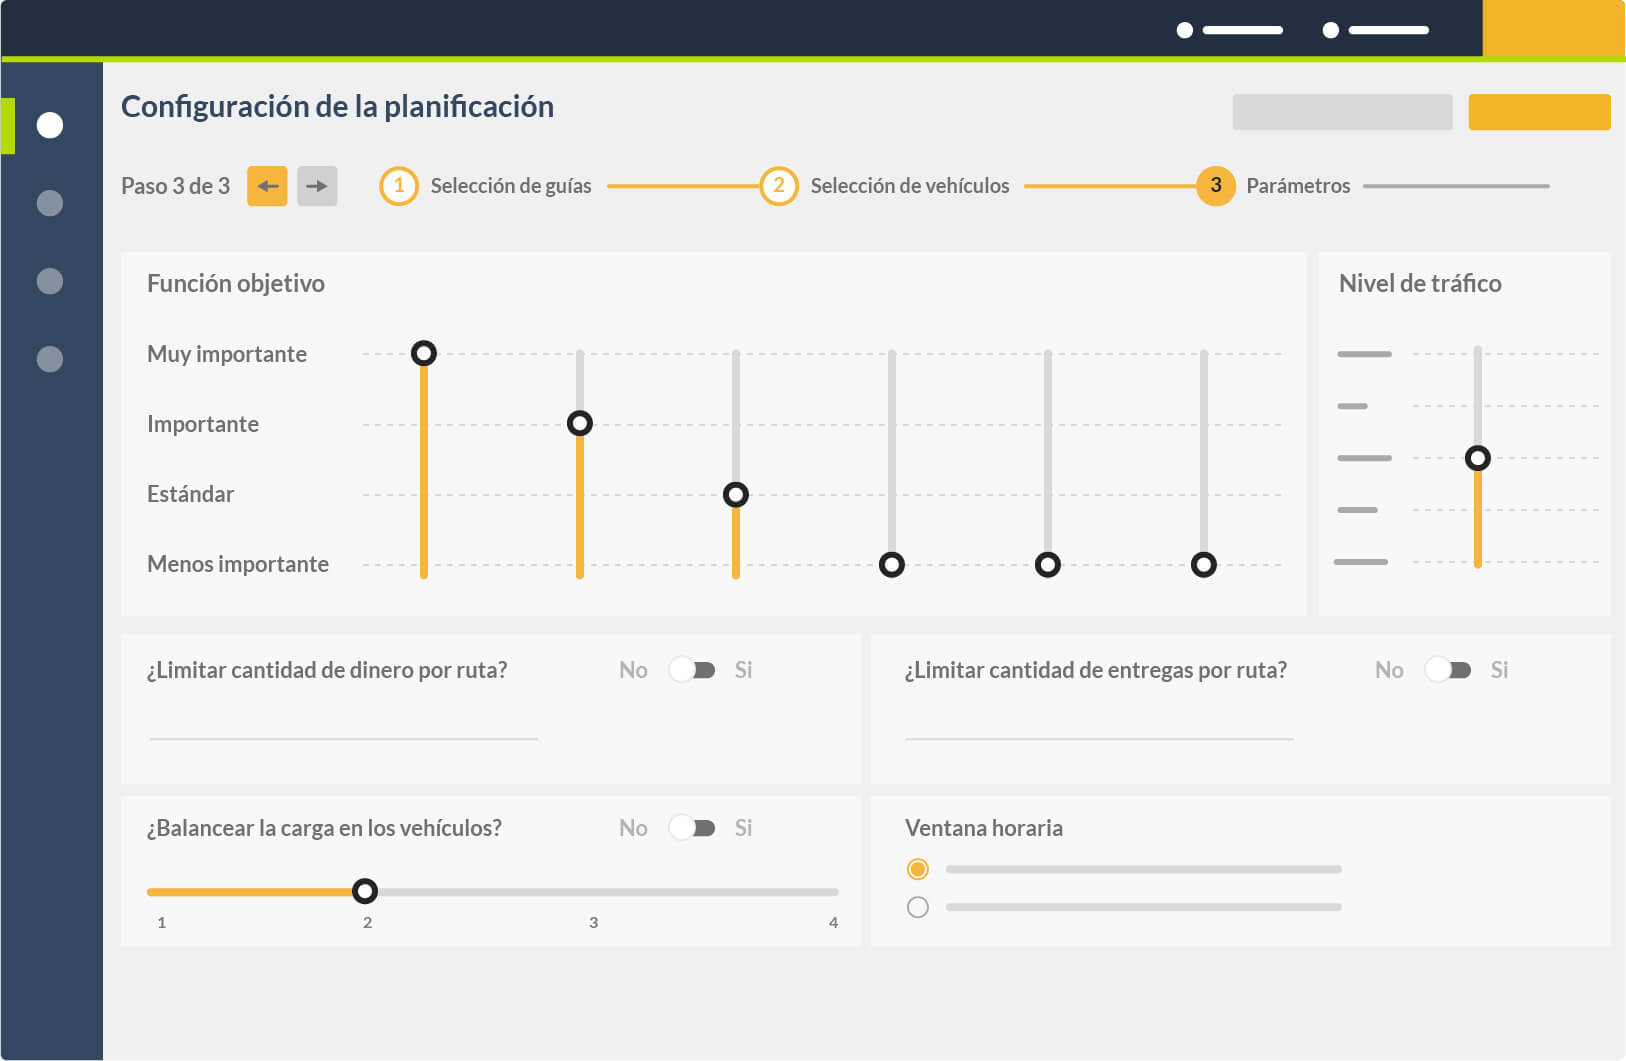 configura_tu_planificacion